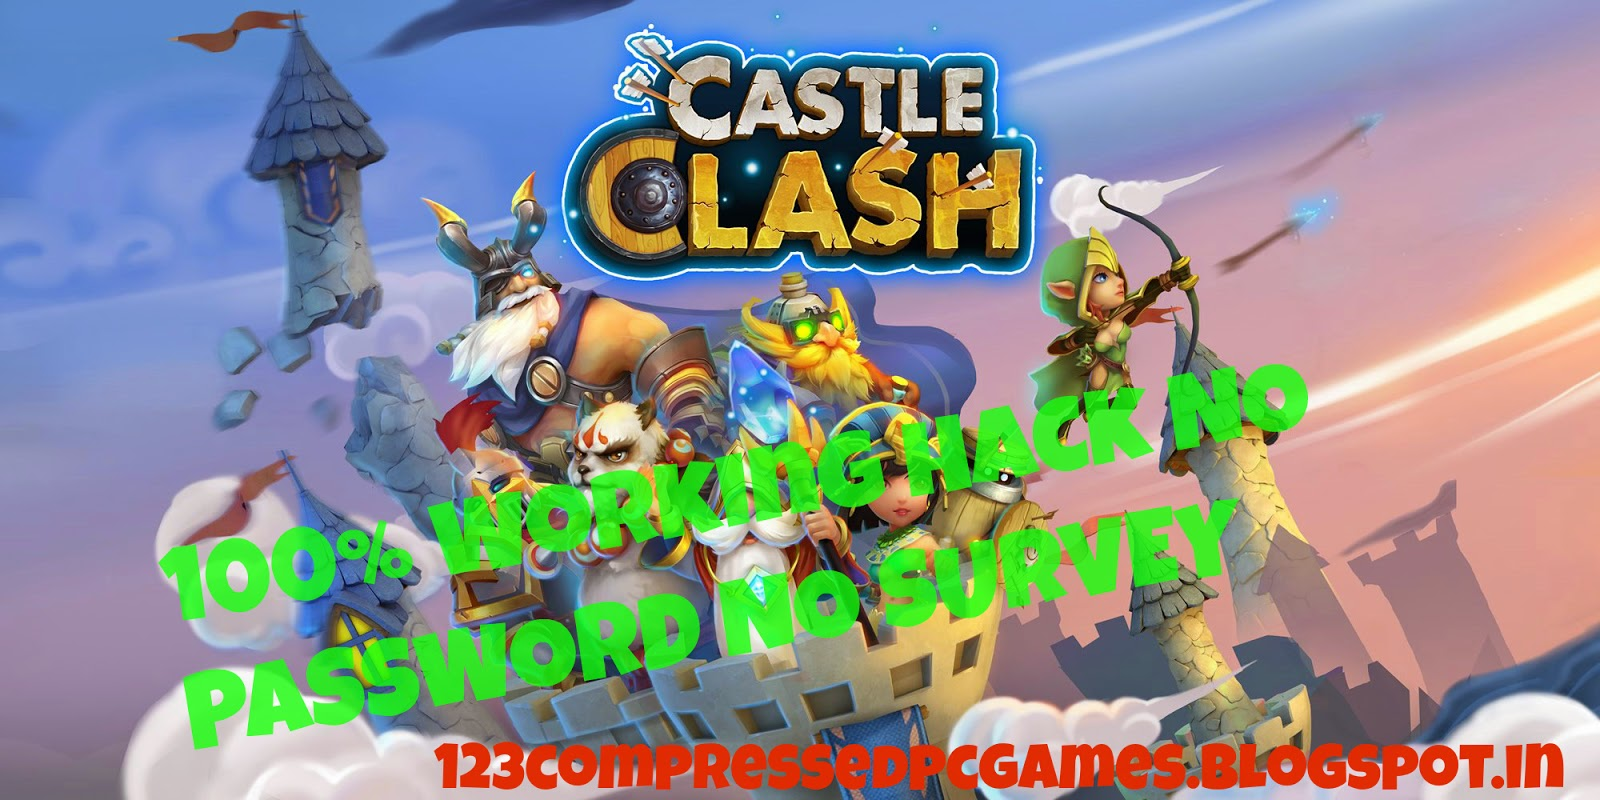 castle clash apk mod plus hack no survey no password direct link